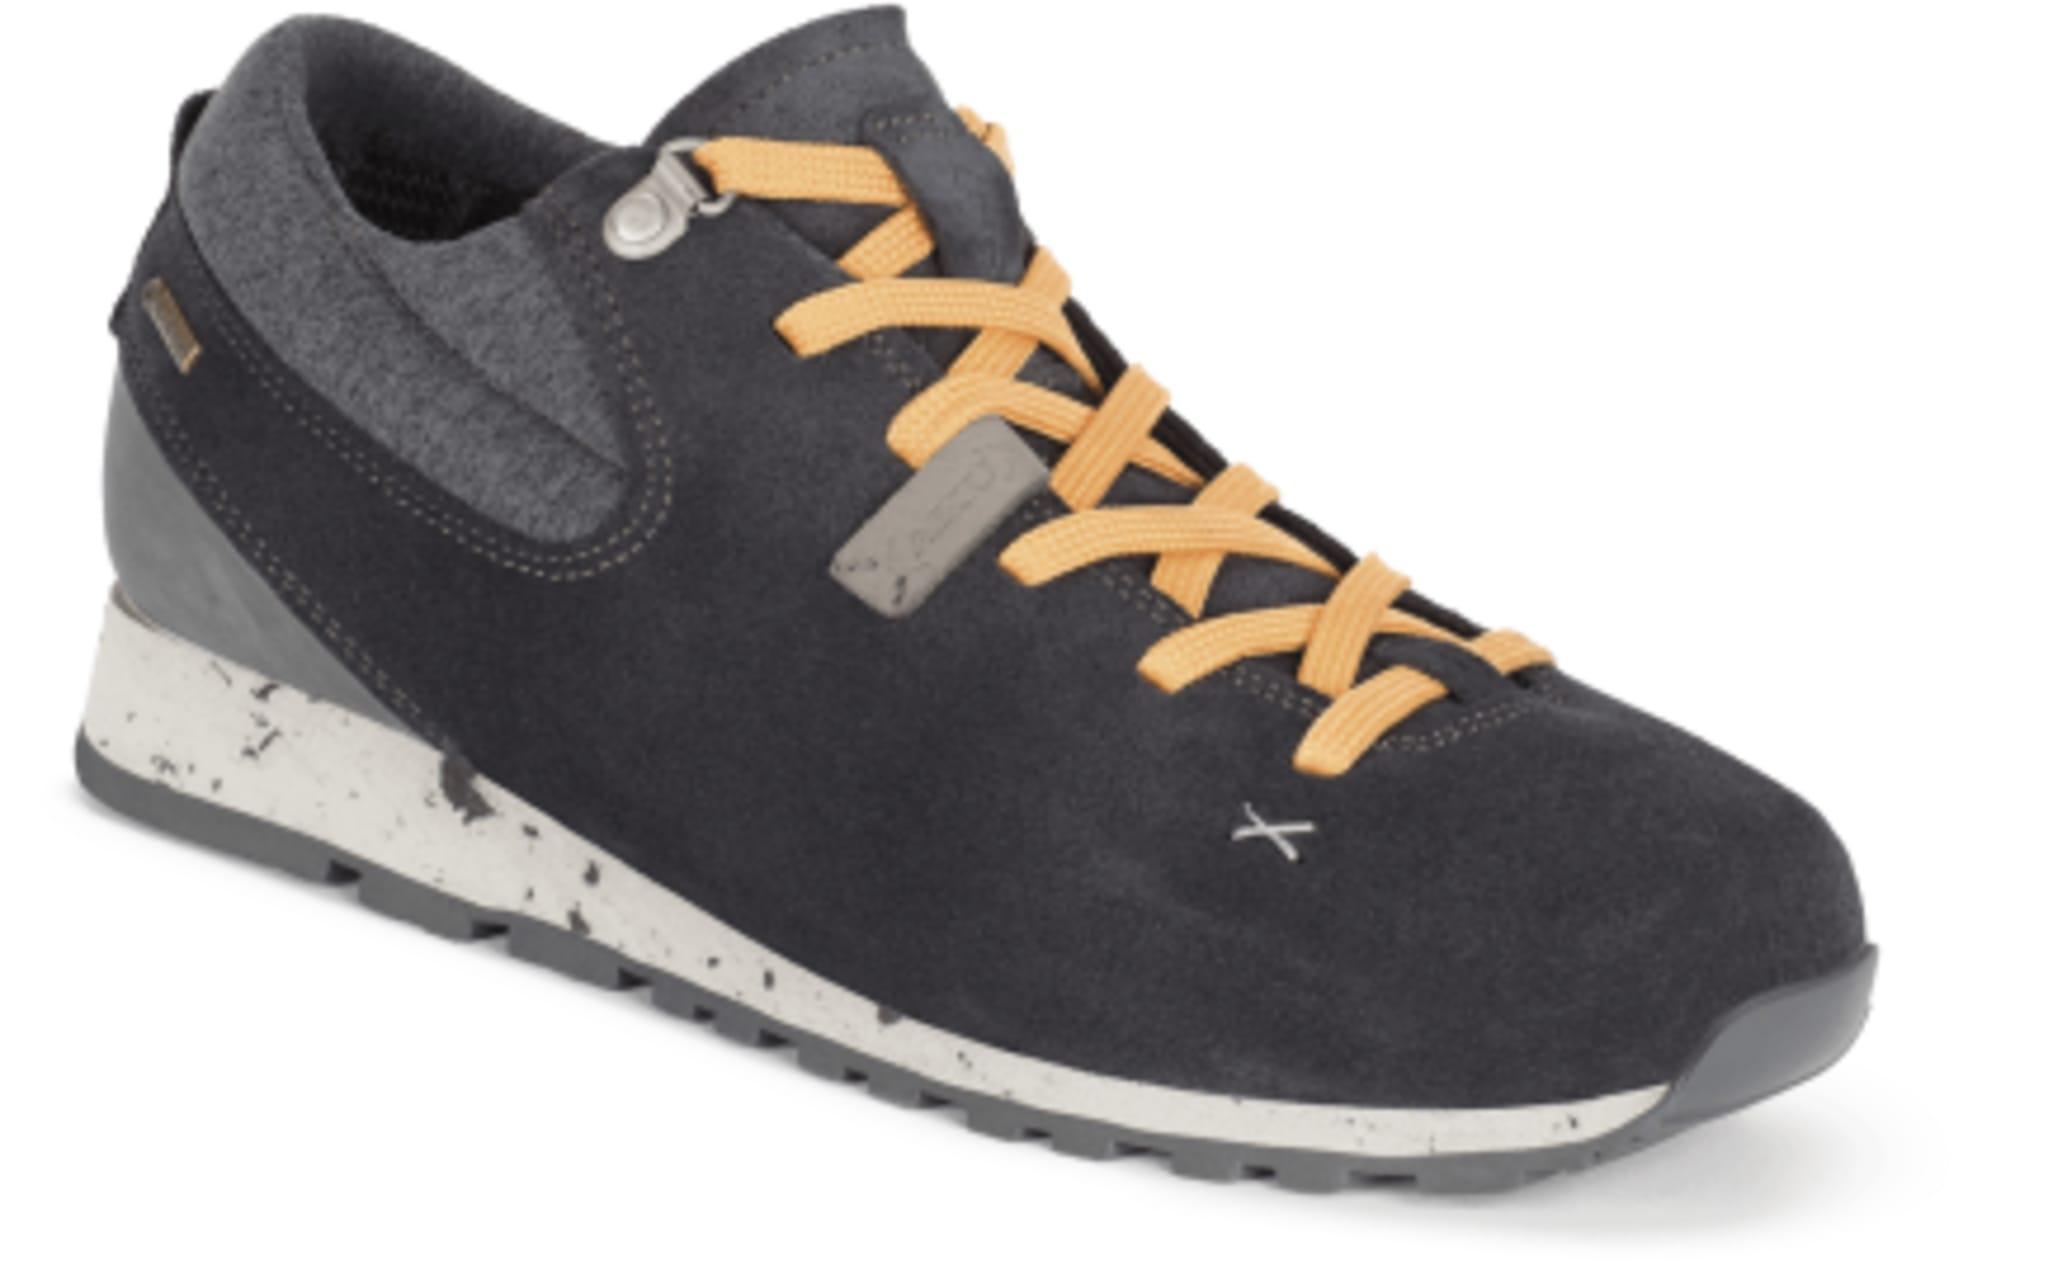 Vanntett sko for hverdag og reise